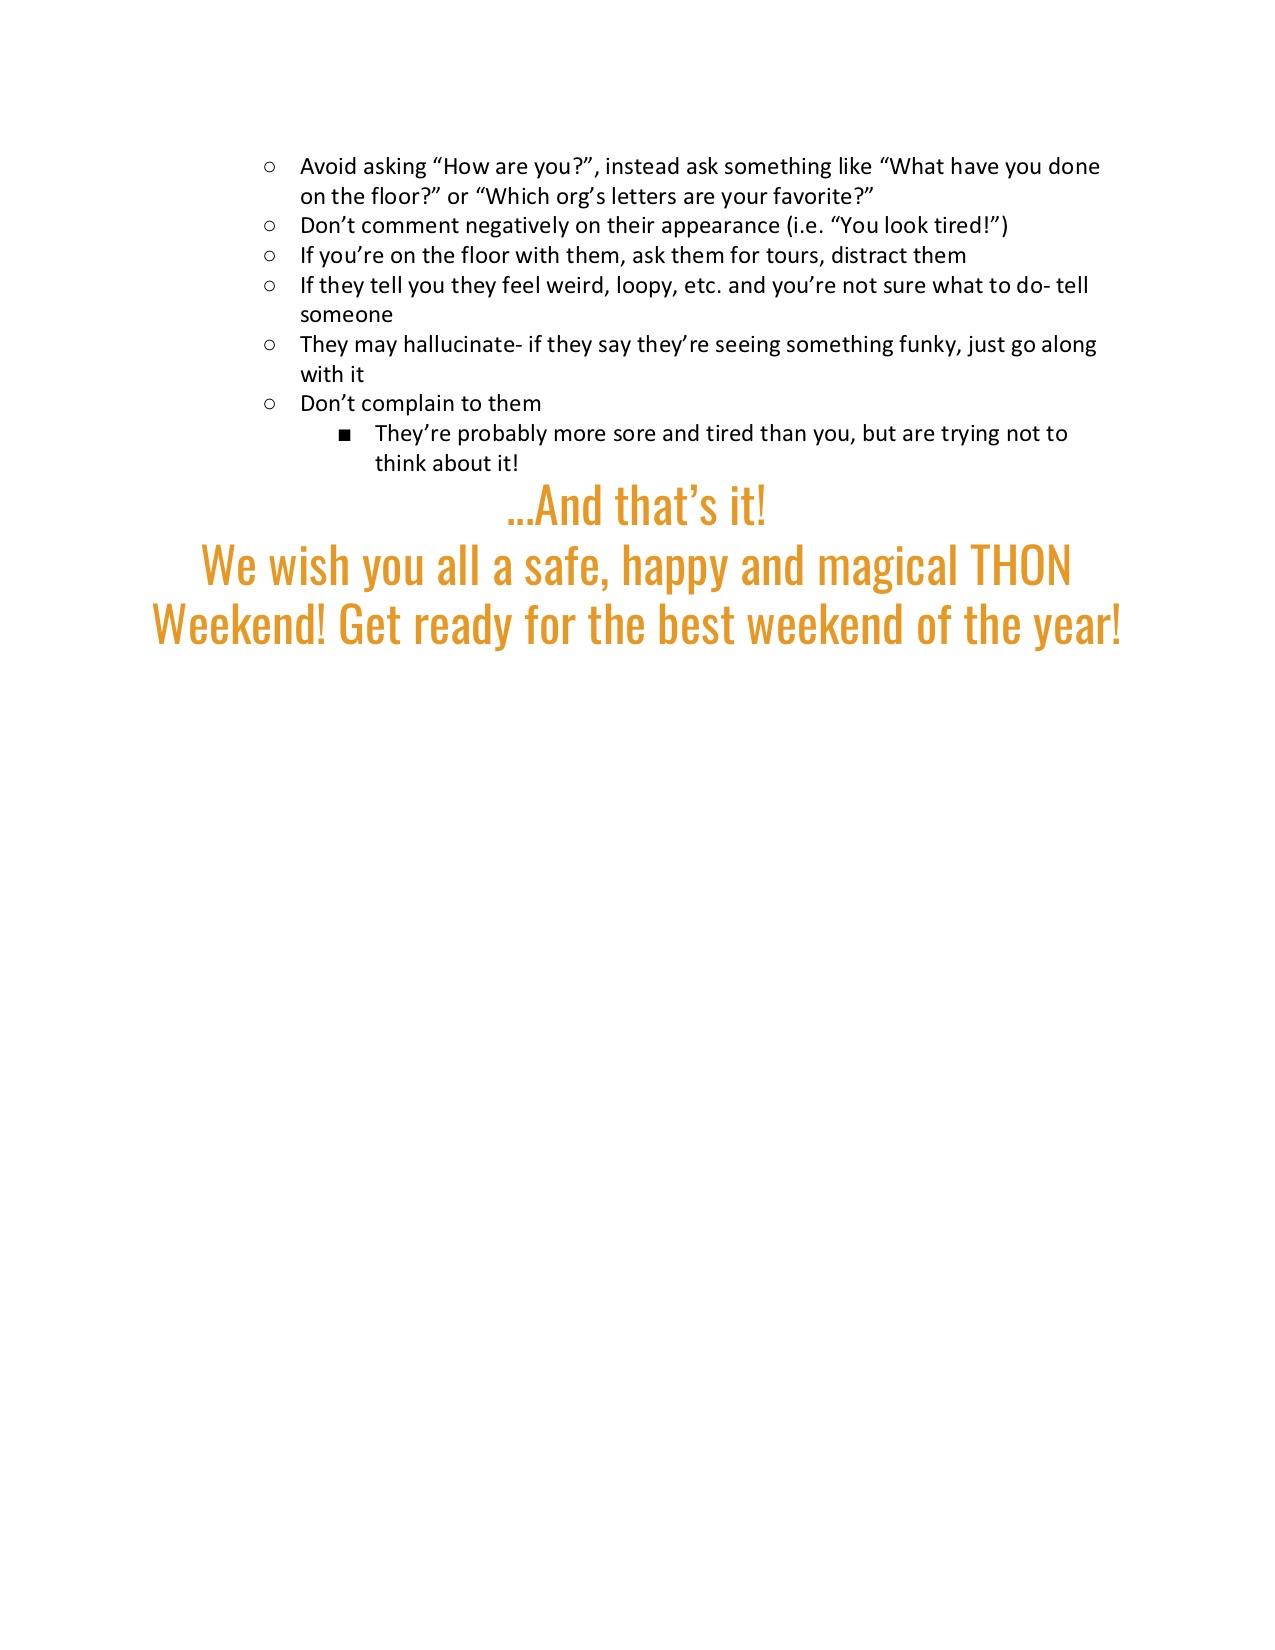 THON Weekend Survival Guide 2019 4.jpg